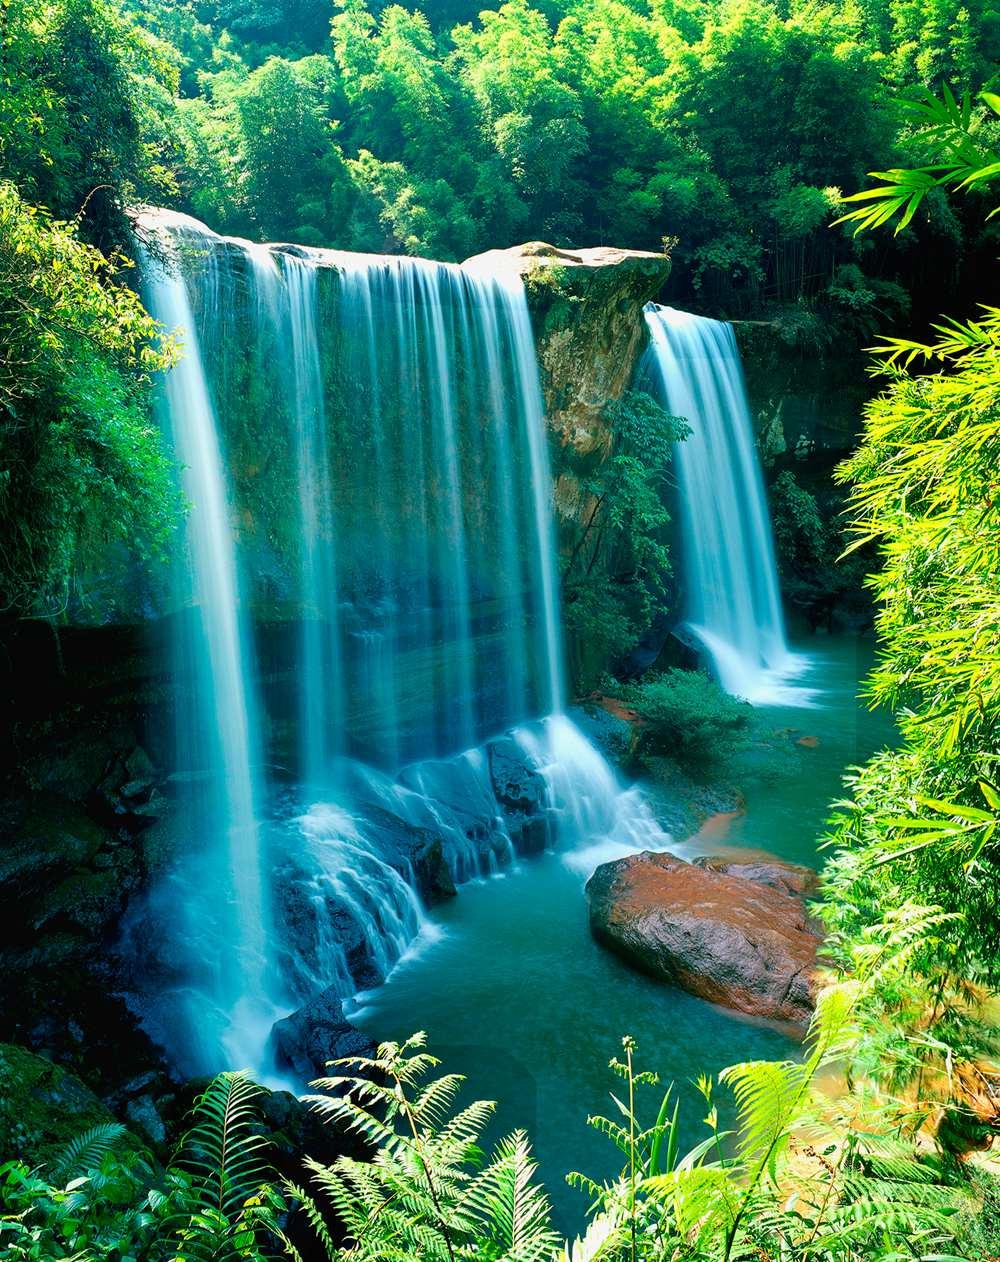 壁纸 风景 旅游 瀑布 山水 桌面 1000_1262 竖版 竖屏 手机